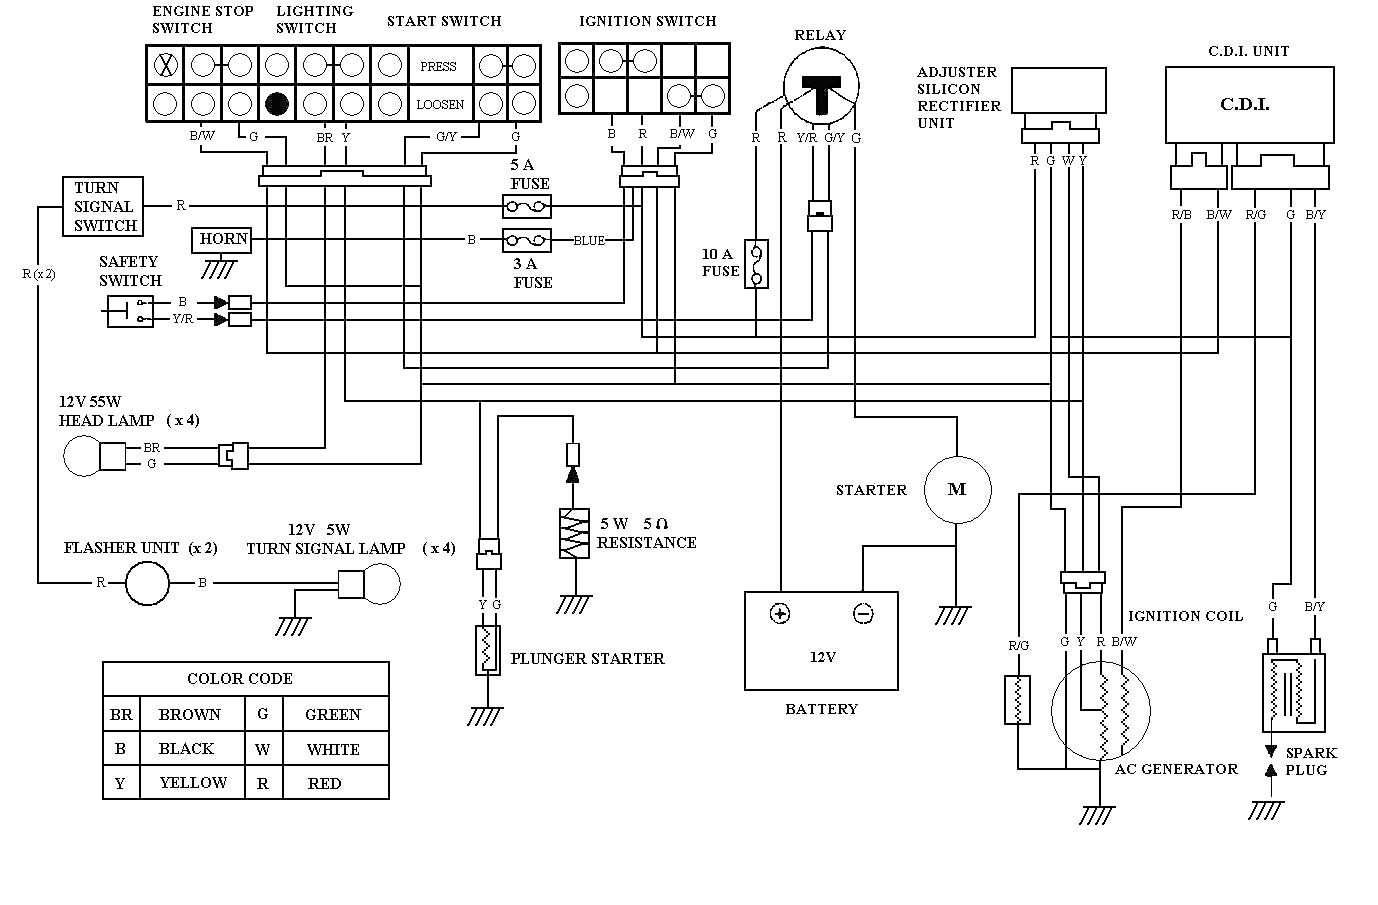 smc wiring diagram, lifan wiring diagram, kawasaki wiring diagram, norton wiring diagram, garelli wiring diagram, royal ryder wiring diagram, ural wiring diagram, phantom wiring diagram, yamaha wiring diagram, husaberg wiring diagram, kazuma wiring diagram, alpha sports wiring diagram, motofino wiring diagram, ossa wiring diagram, kymco wiring diagram, suzuki wiring diagram, motor trike wiring diagram, tomos wiring diagram, dinli wiring diagram, vespa wiring diagram, on kasea 90 wiring diagram